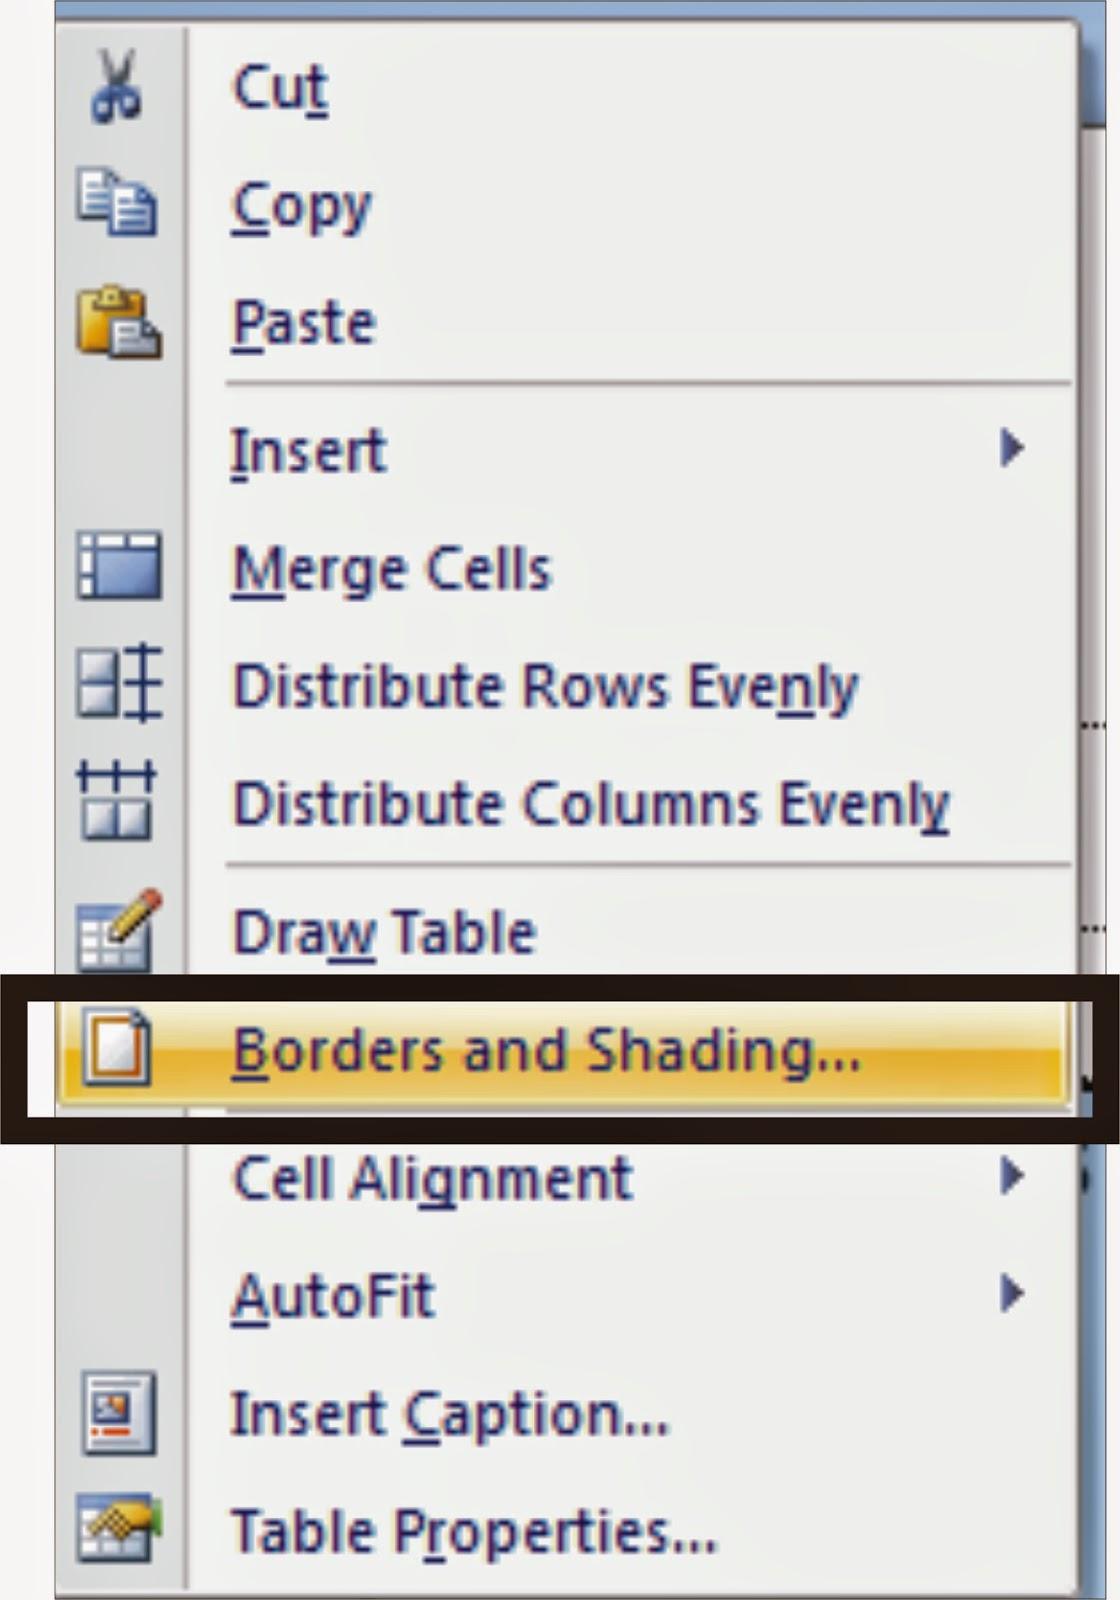 Cara Menghilangkan Garis Kotak Di Word : menghilangkan, garis, kotak, Menghilangkan, Garis, Border, Tabel, Microsoft, Judul, Situs